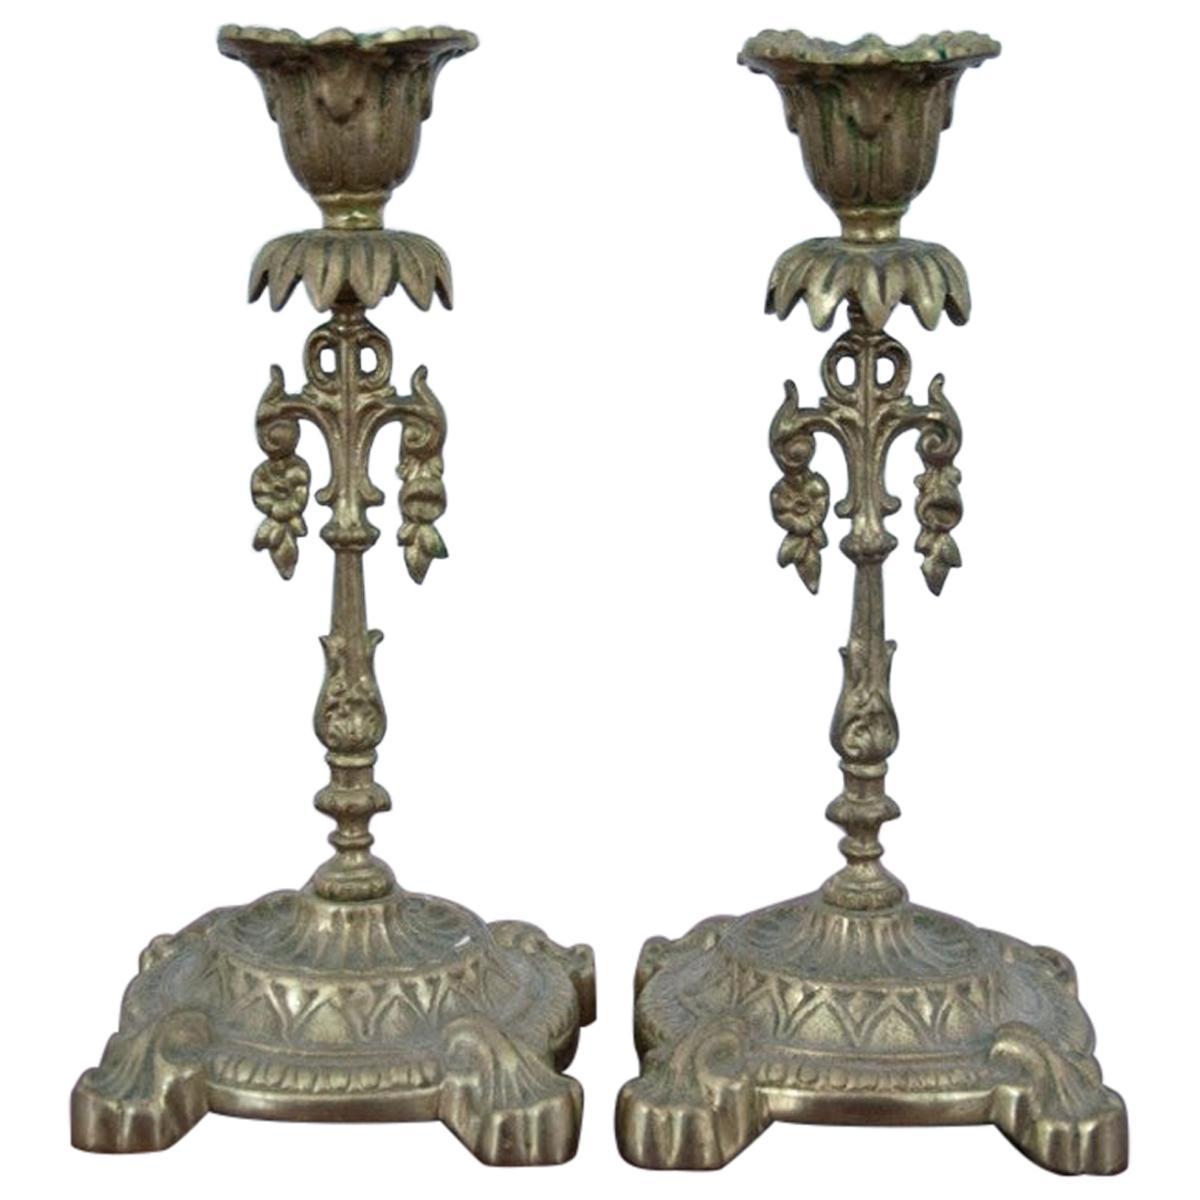 Pair of Brass Candlesticks